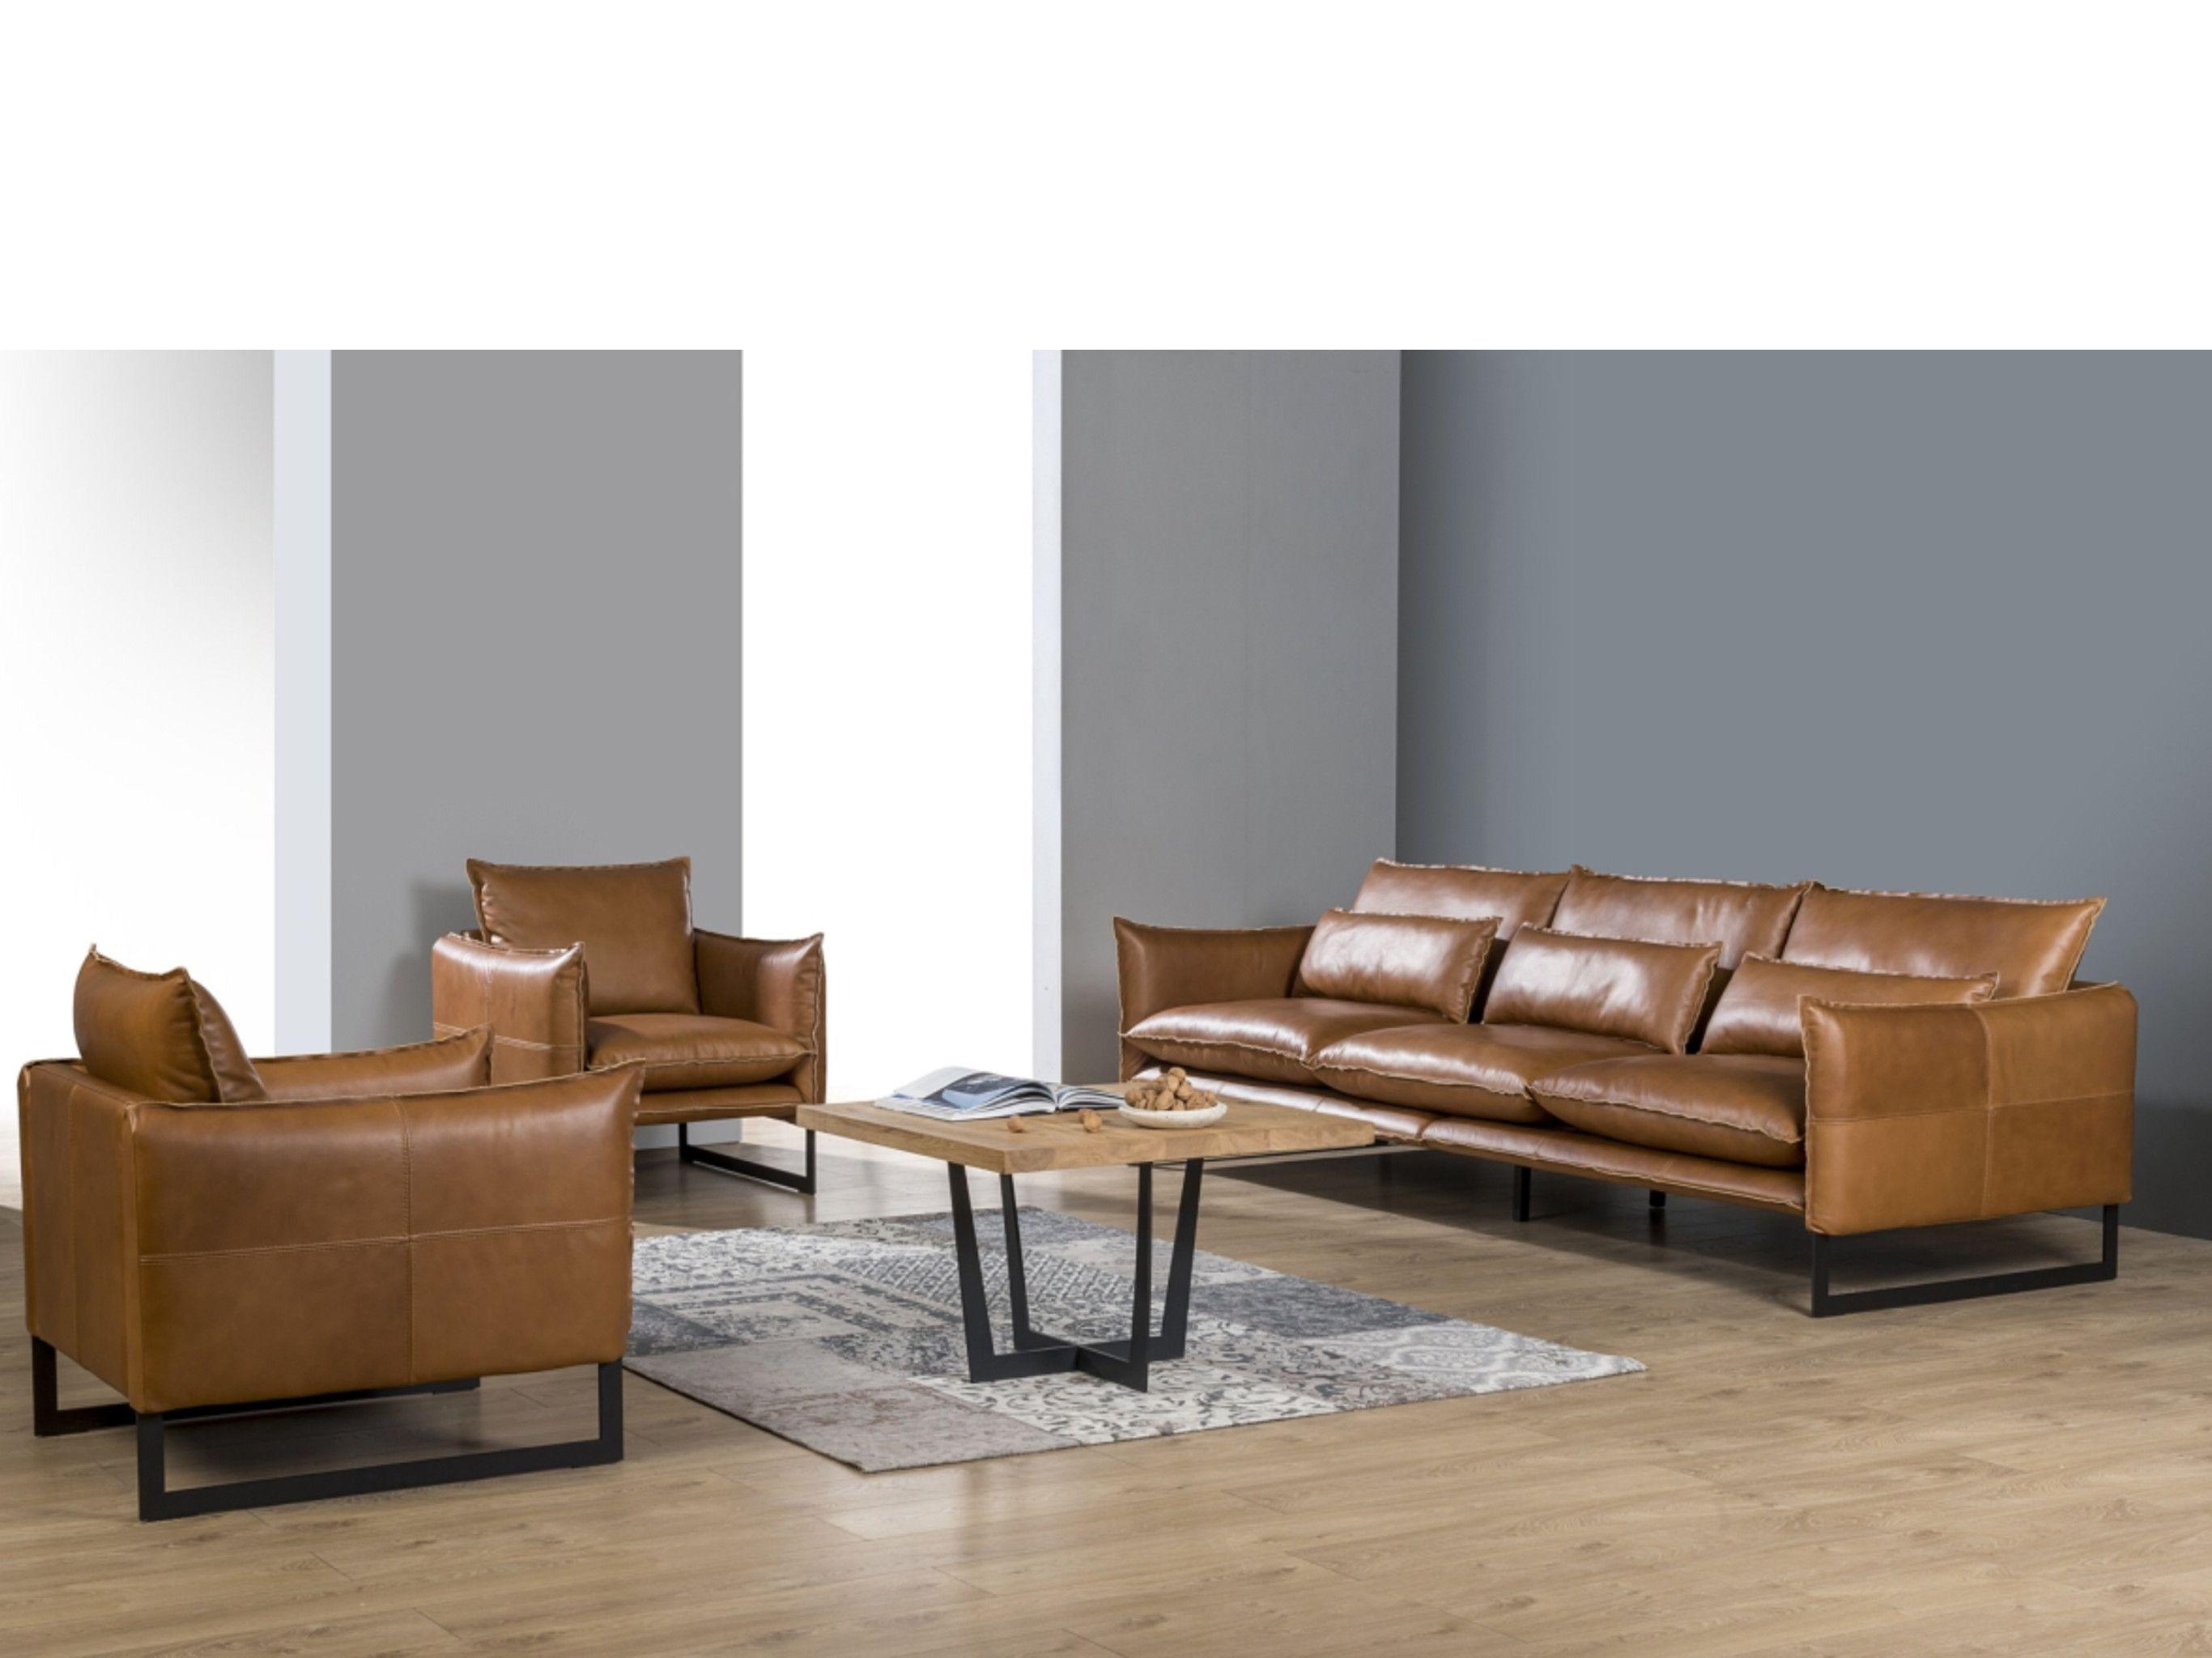 Wunderbar Sofa Und Sessel Referenz Von Primavera, Polster-sofa-sessel-garnitur, Leder, Kos